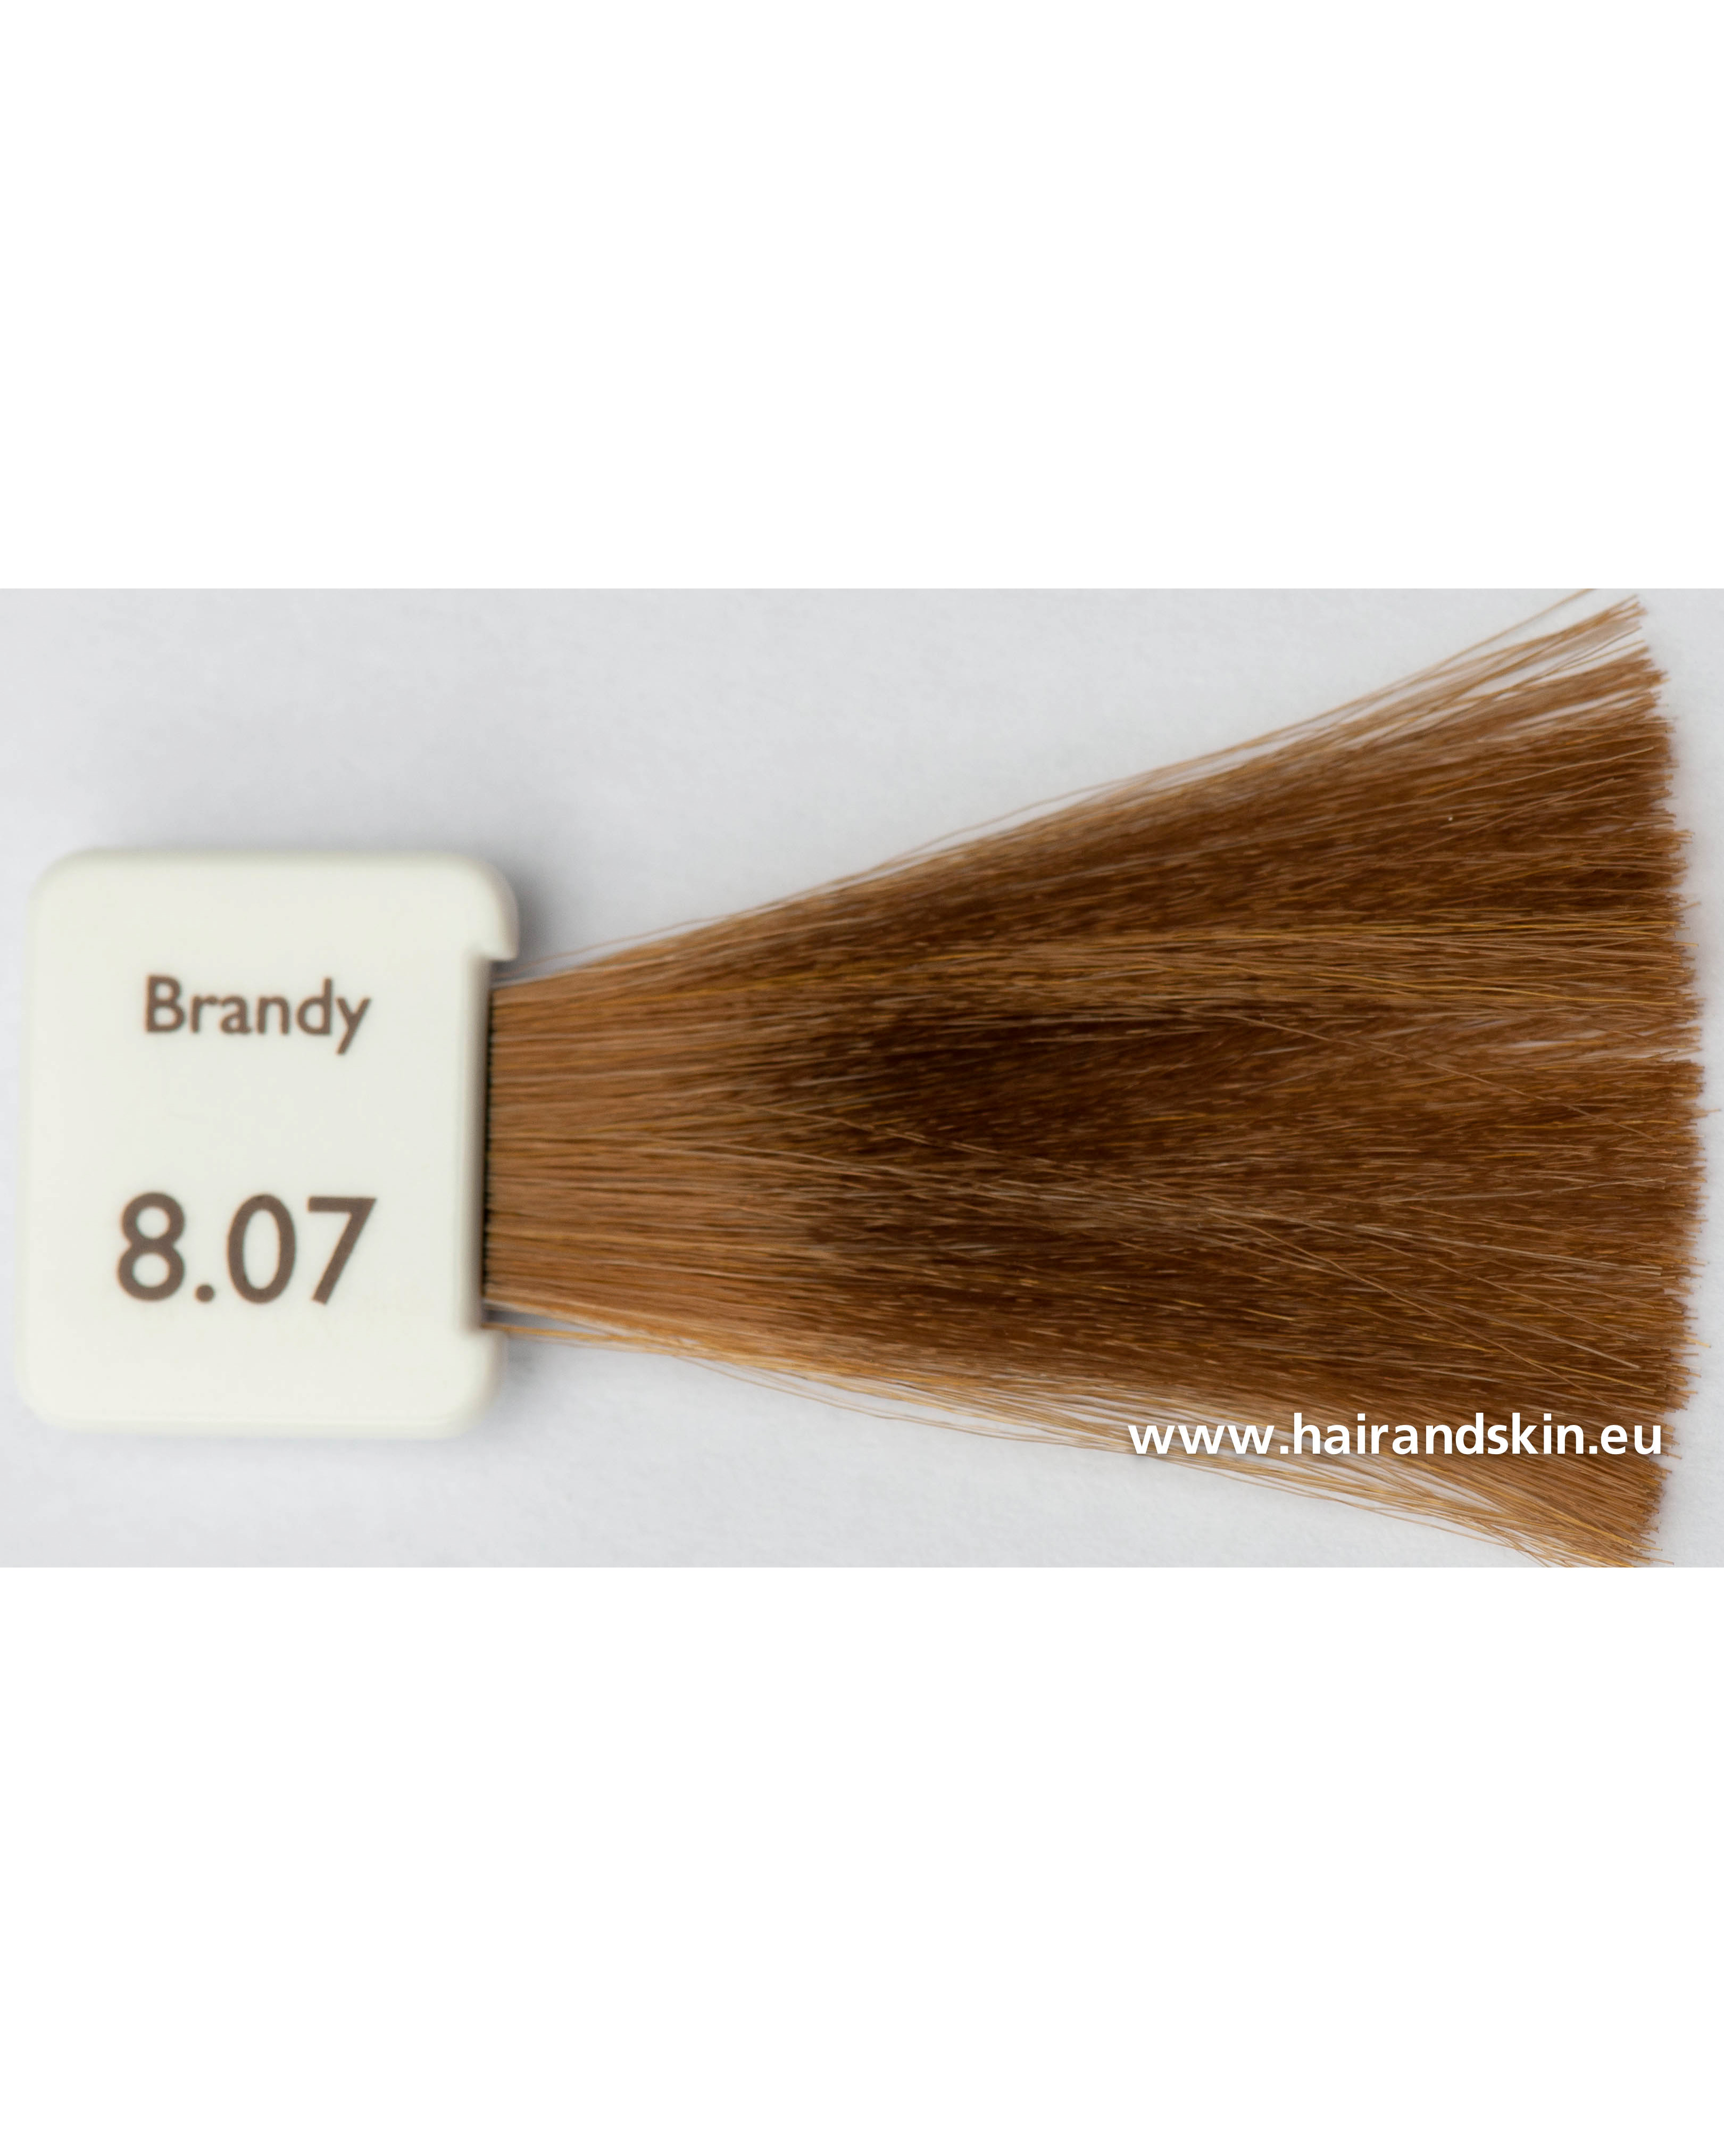 natulique couleur brandy 8.07